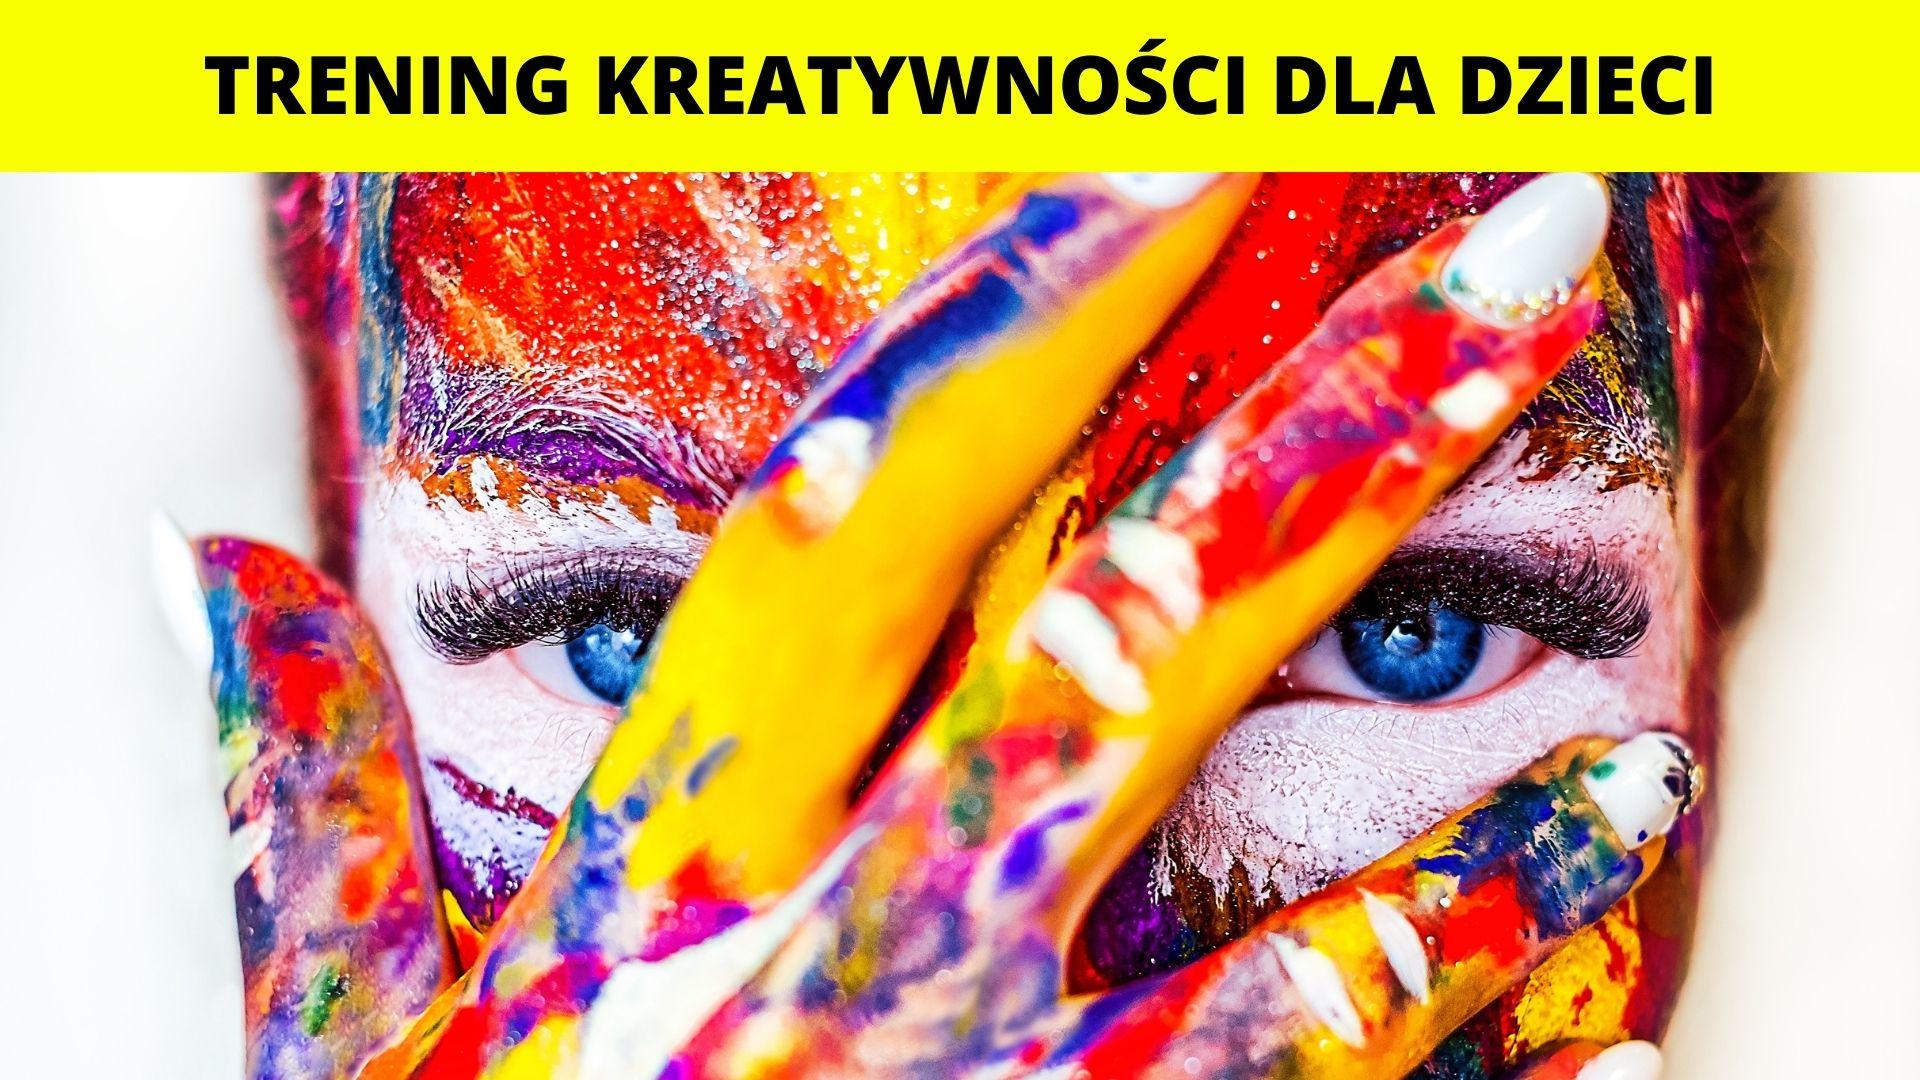 Trening kreatywności - warsztaty dla dzieci